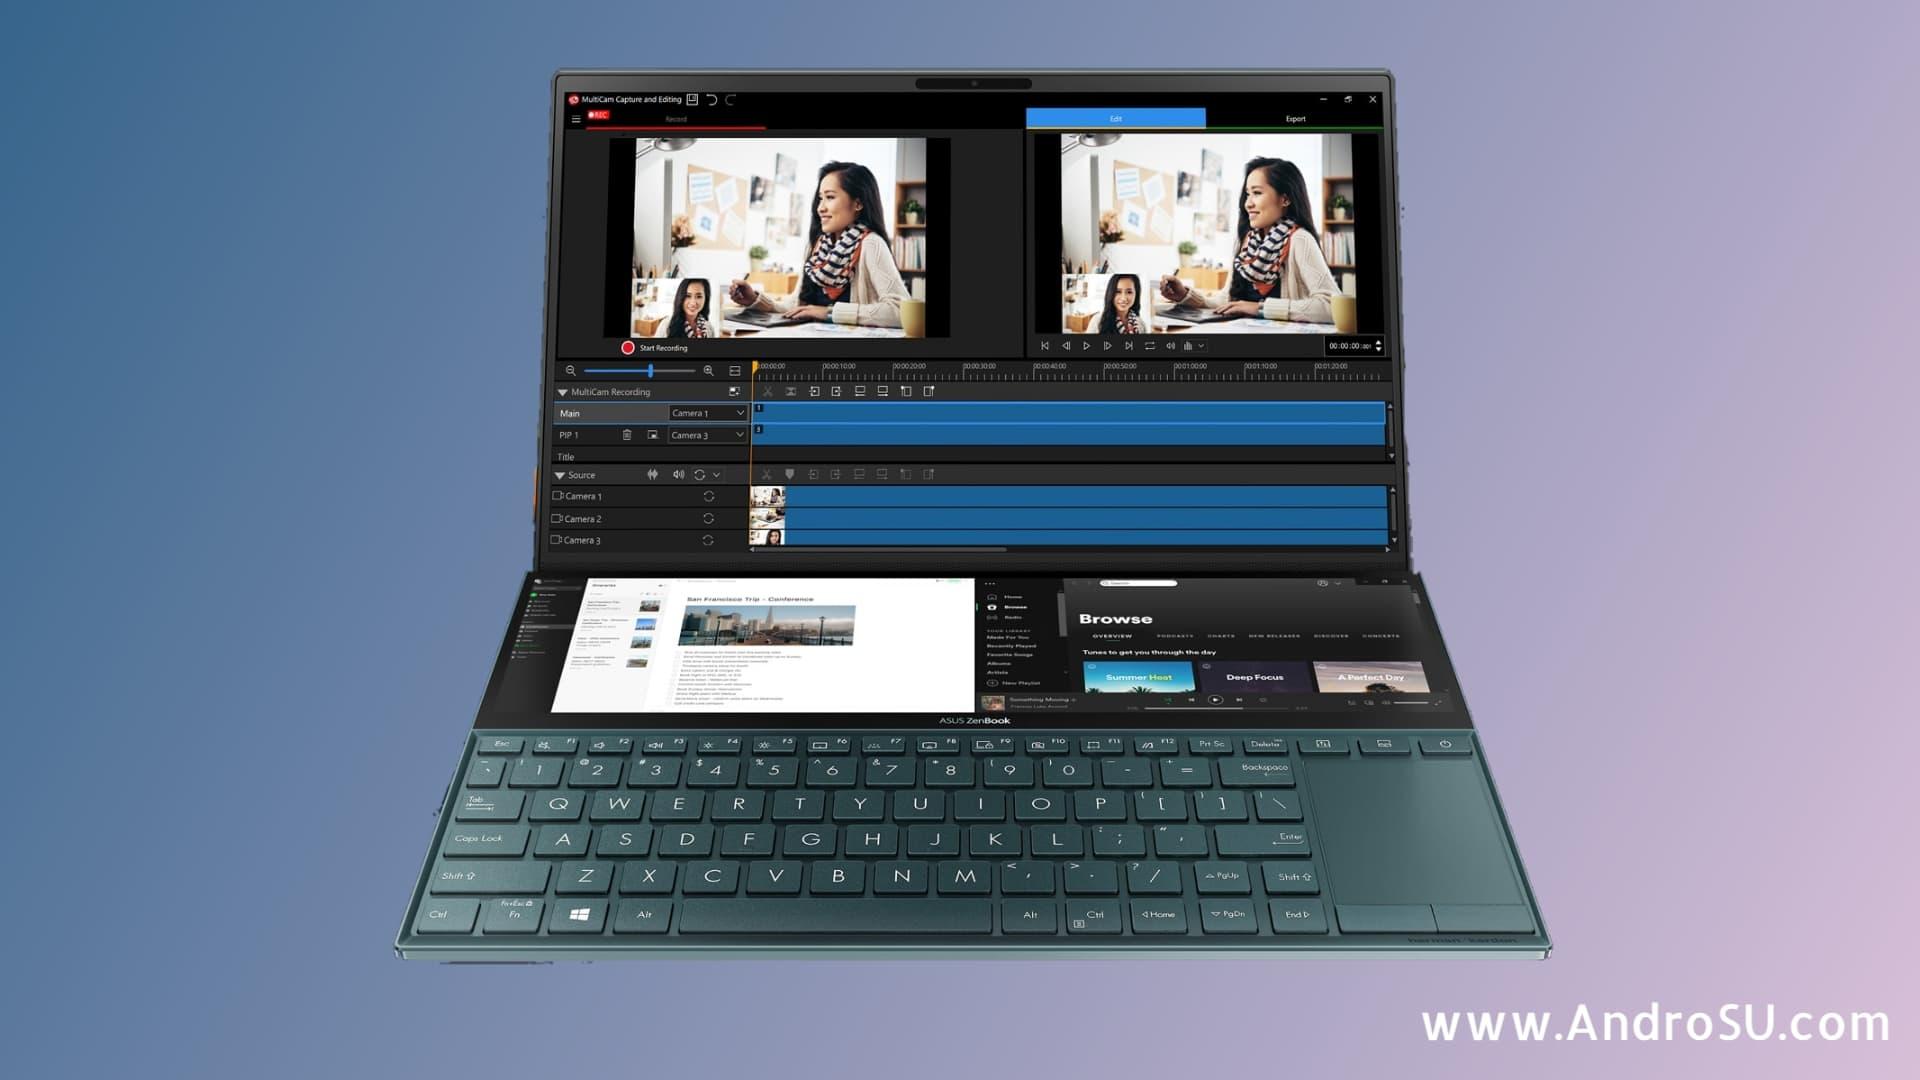 Asus Zenbook Duo, Asus Dual Screen Laptop, Asus Zenbook UX481FL